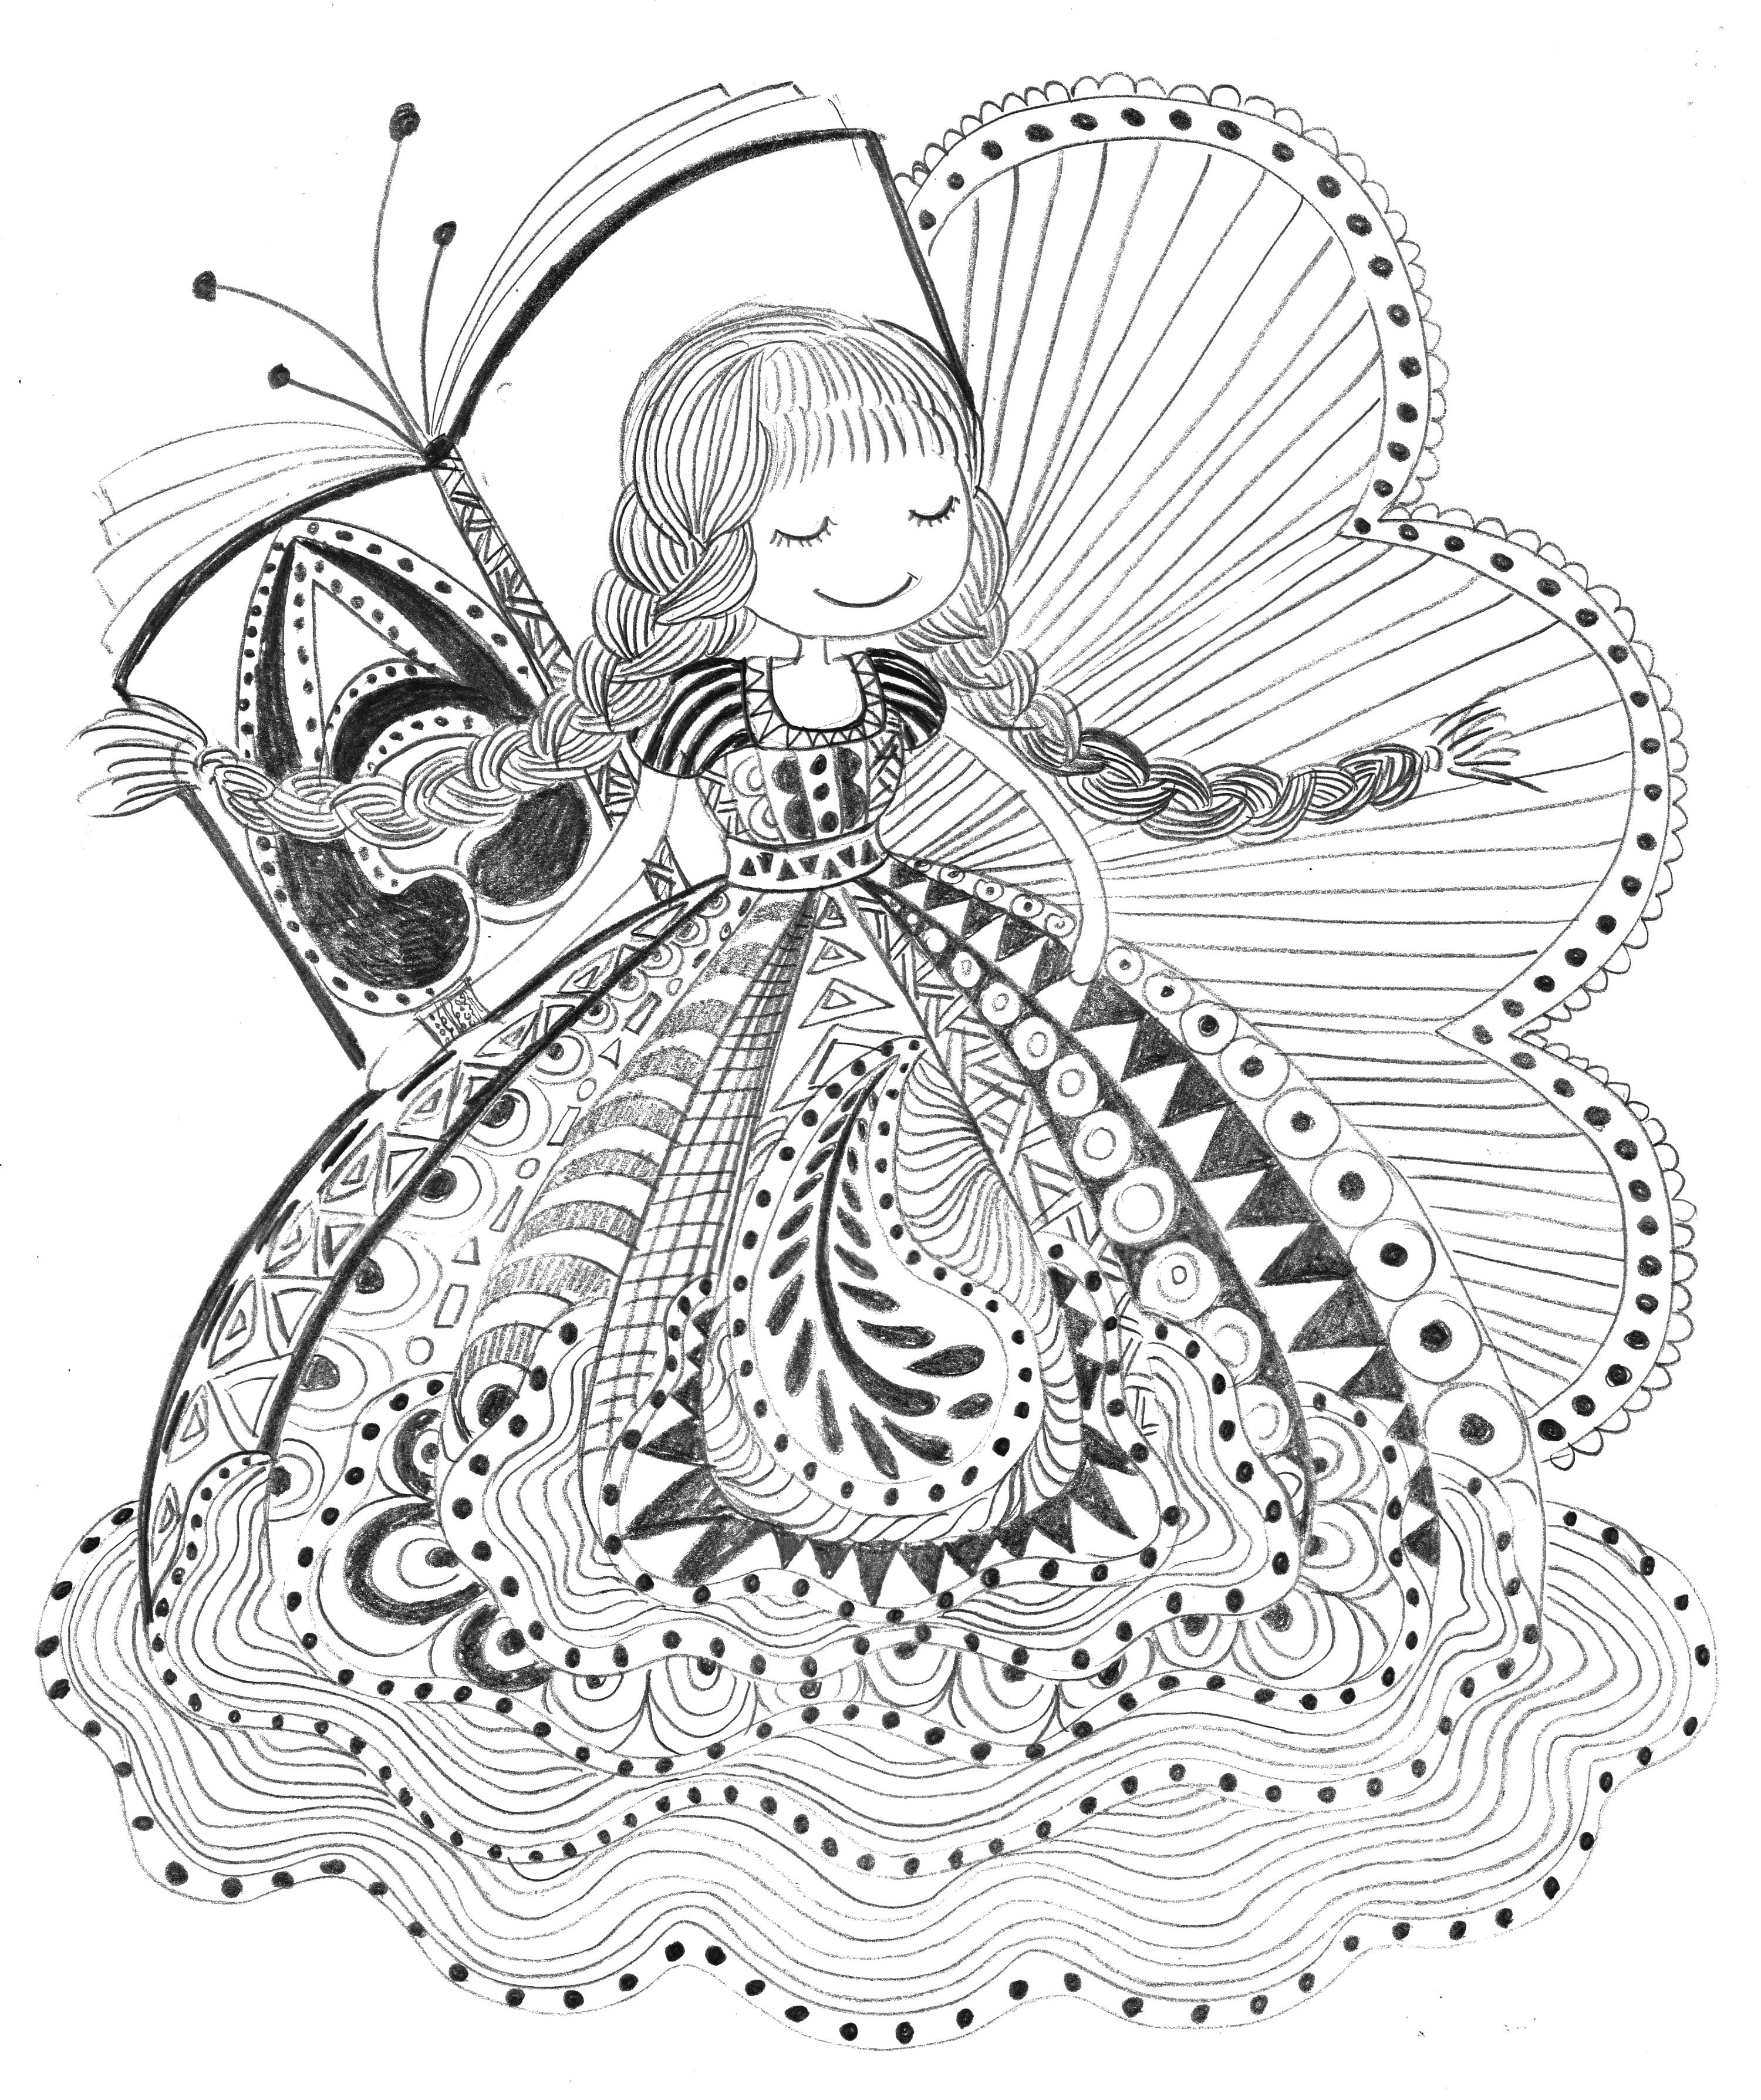 黑白线条风格|插画|商业插画|wanw - 原创作品 - 站酷图片